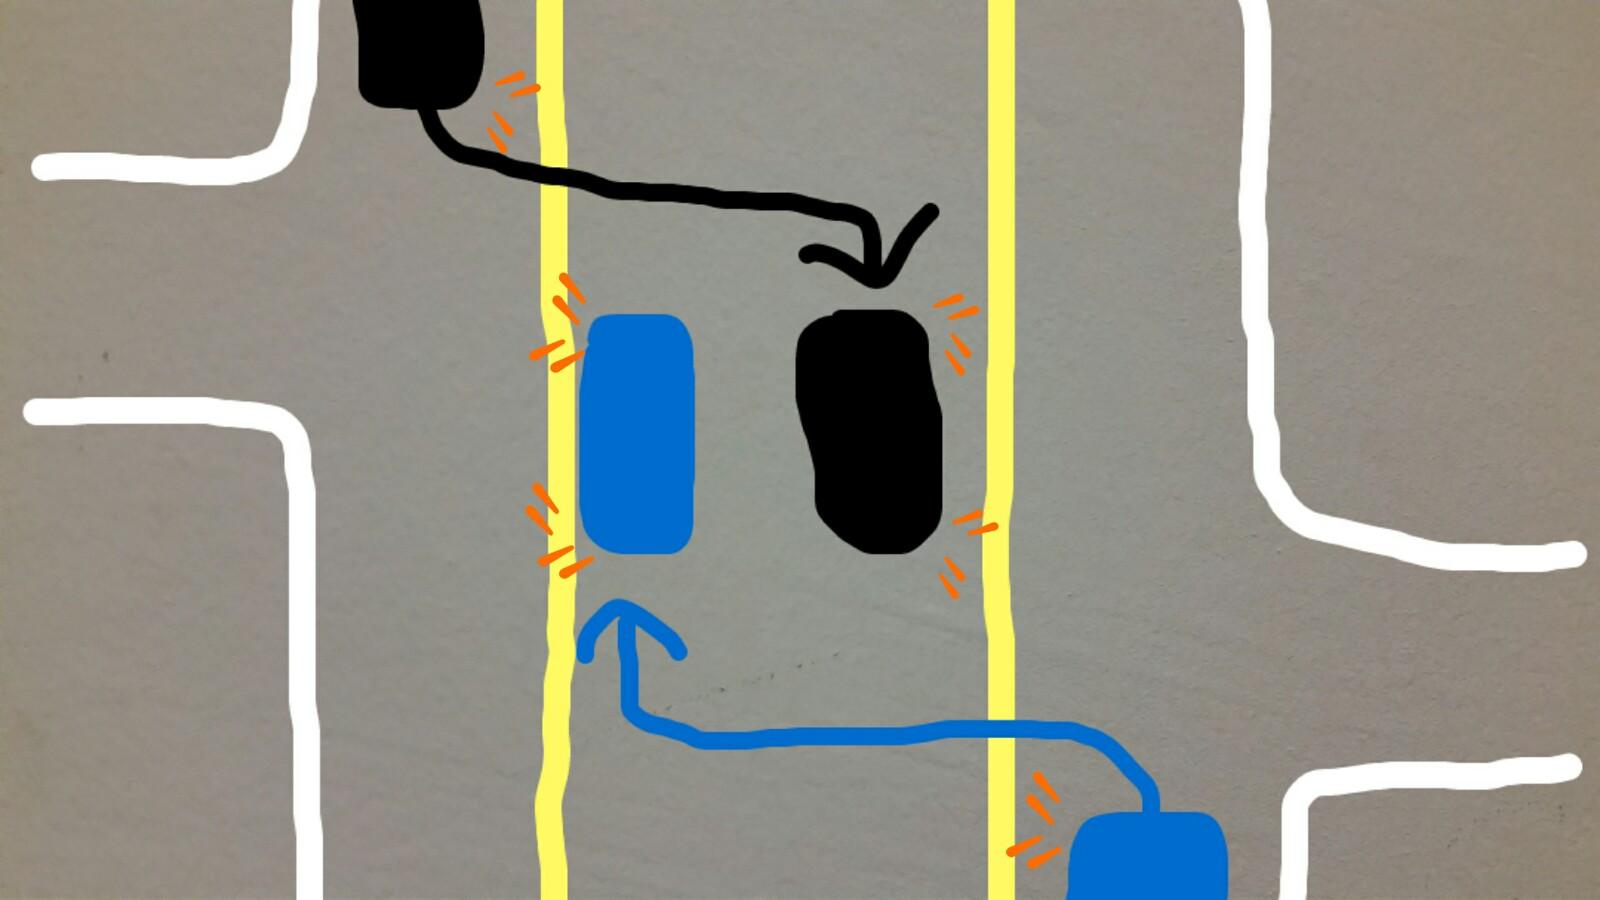 アメリカグアム中央車線センターレーン使い方無理やり